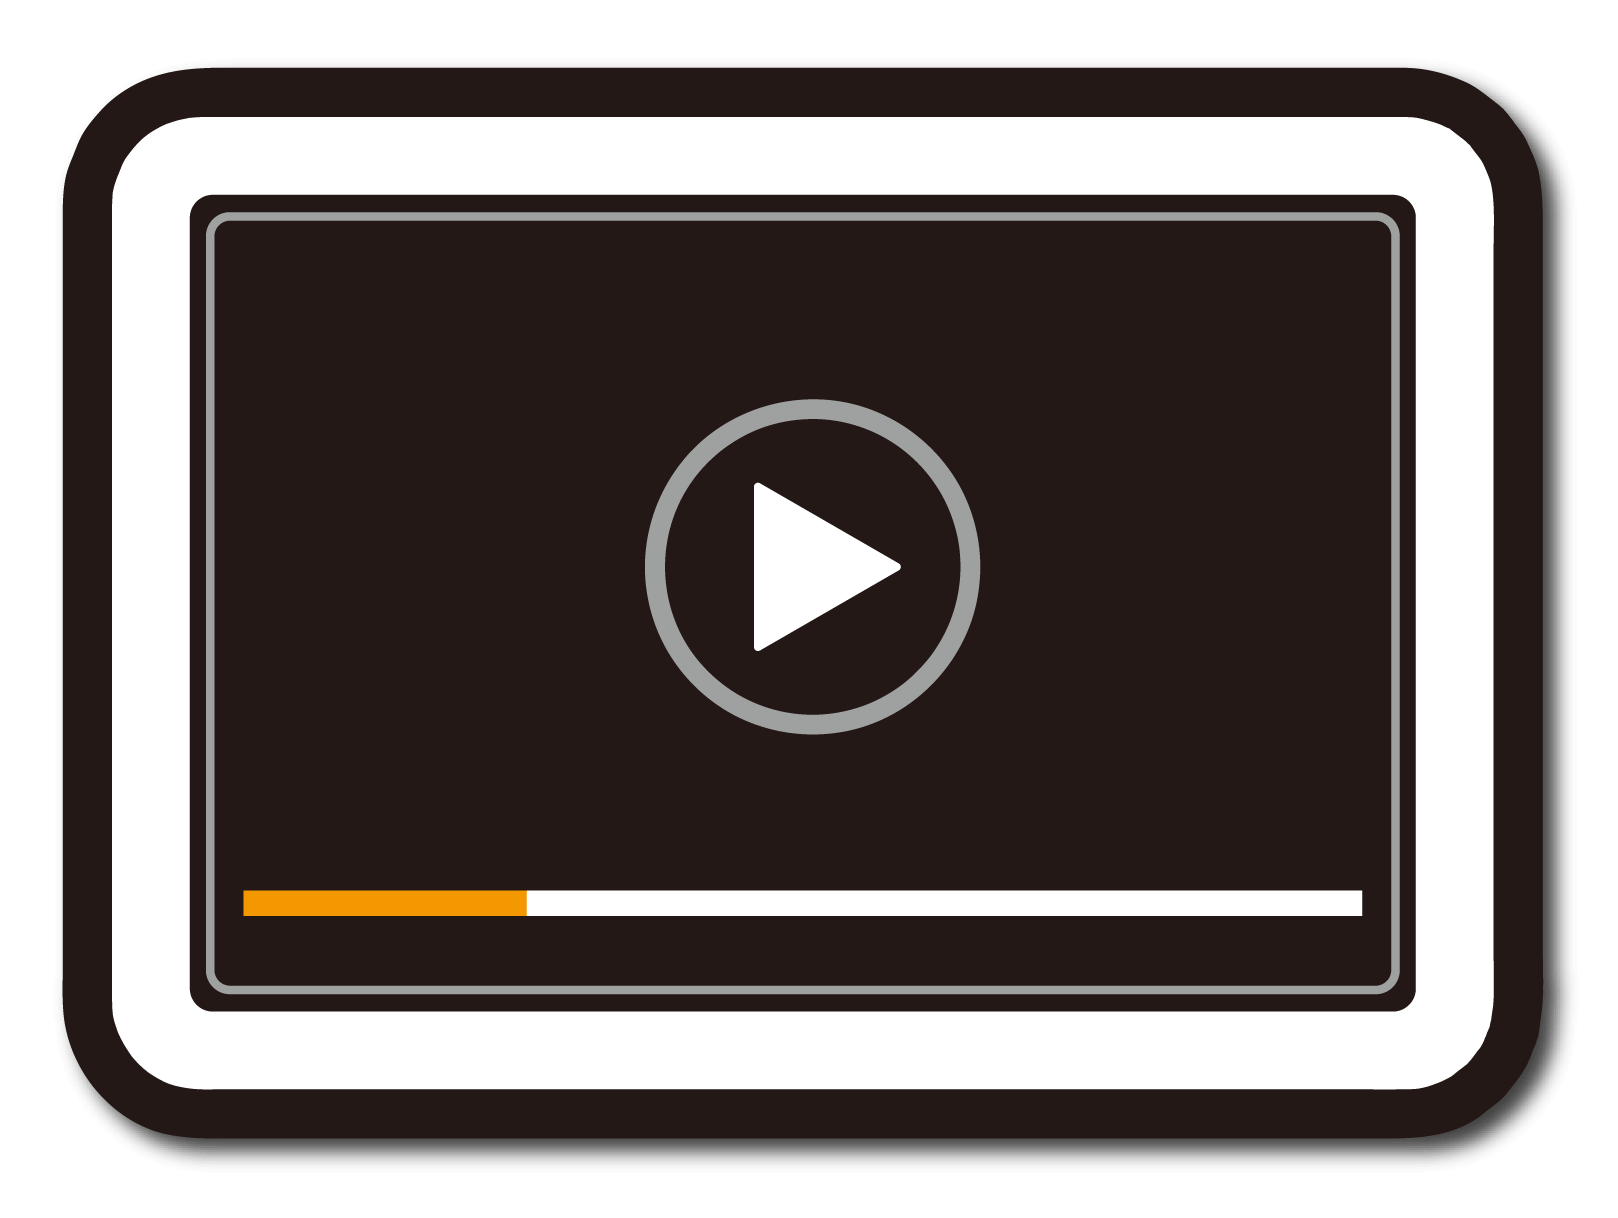 テレビCMとウェブCMは何が違うの?ホームページで動画を使う際の注意点